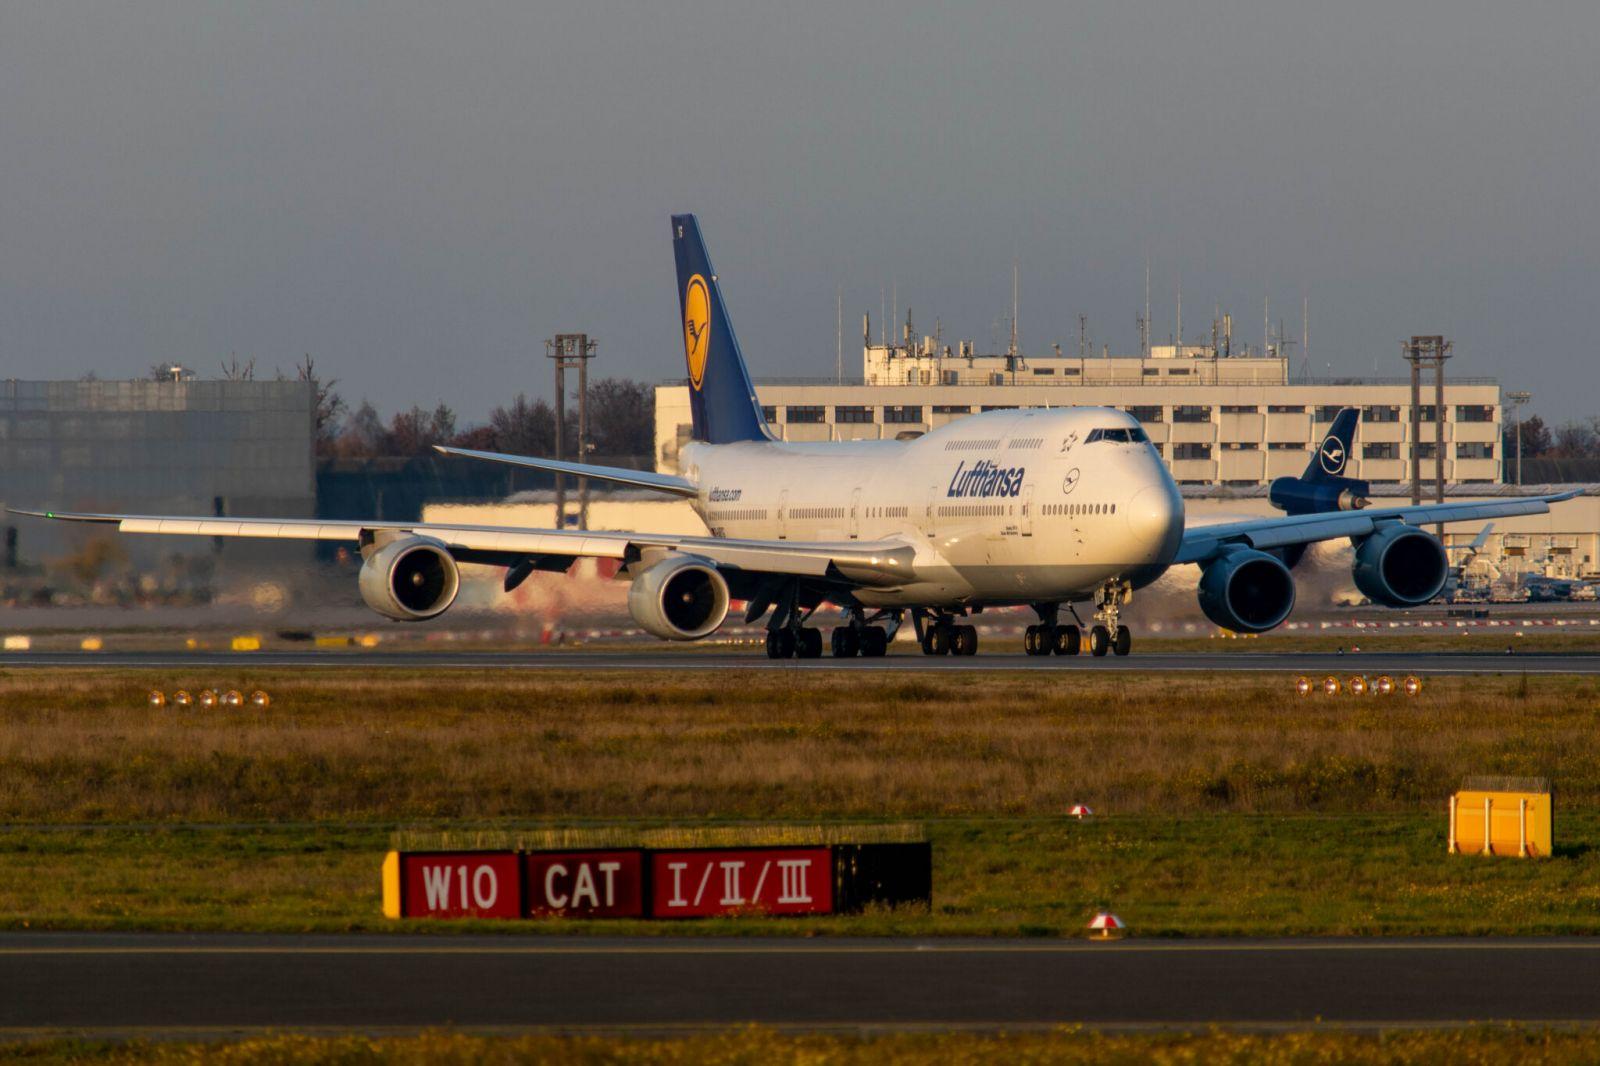 Lufthansa ще предлага билети по 9 евро, за да запази слотовете си на важни летища